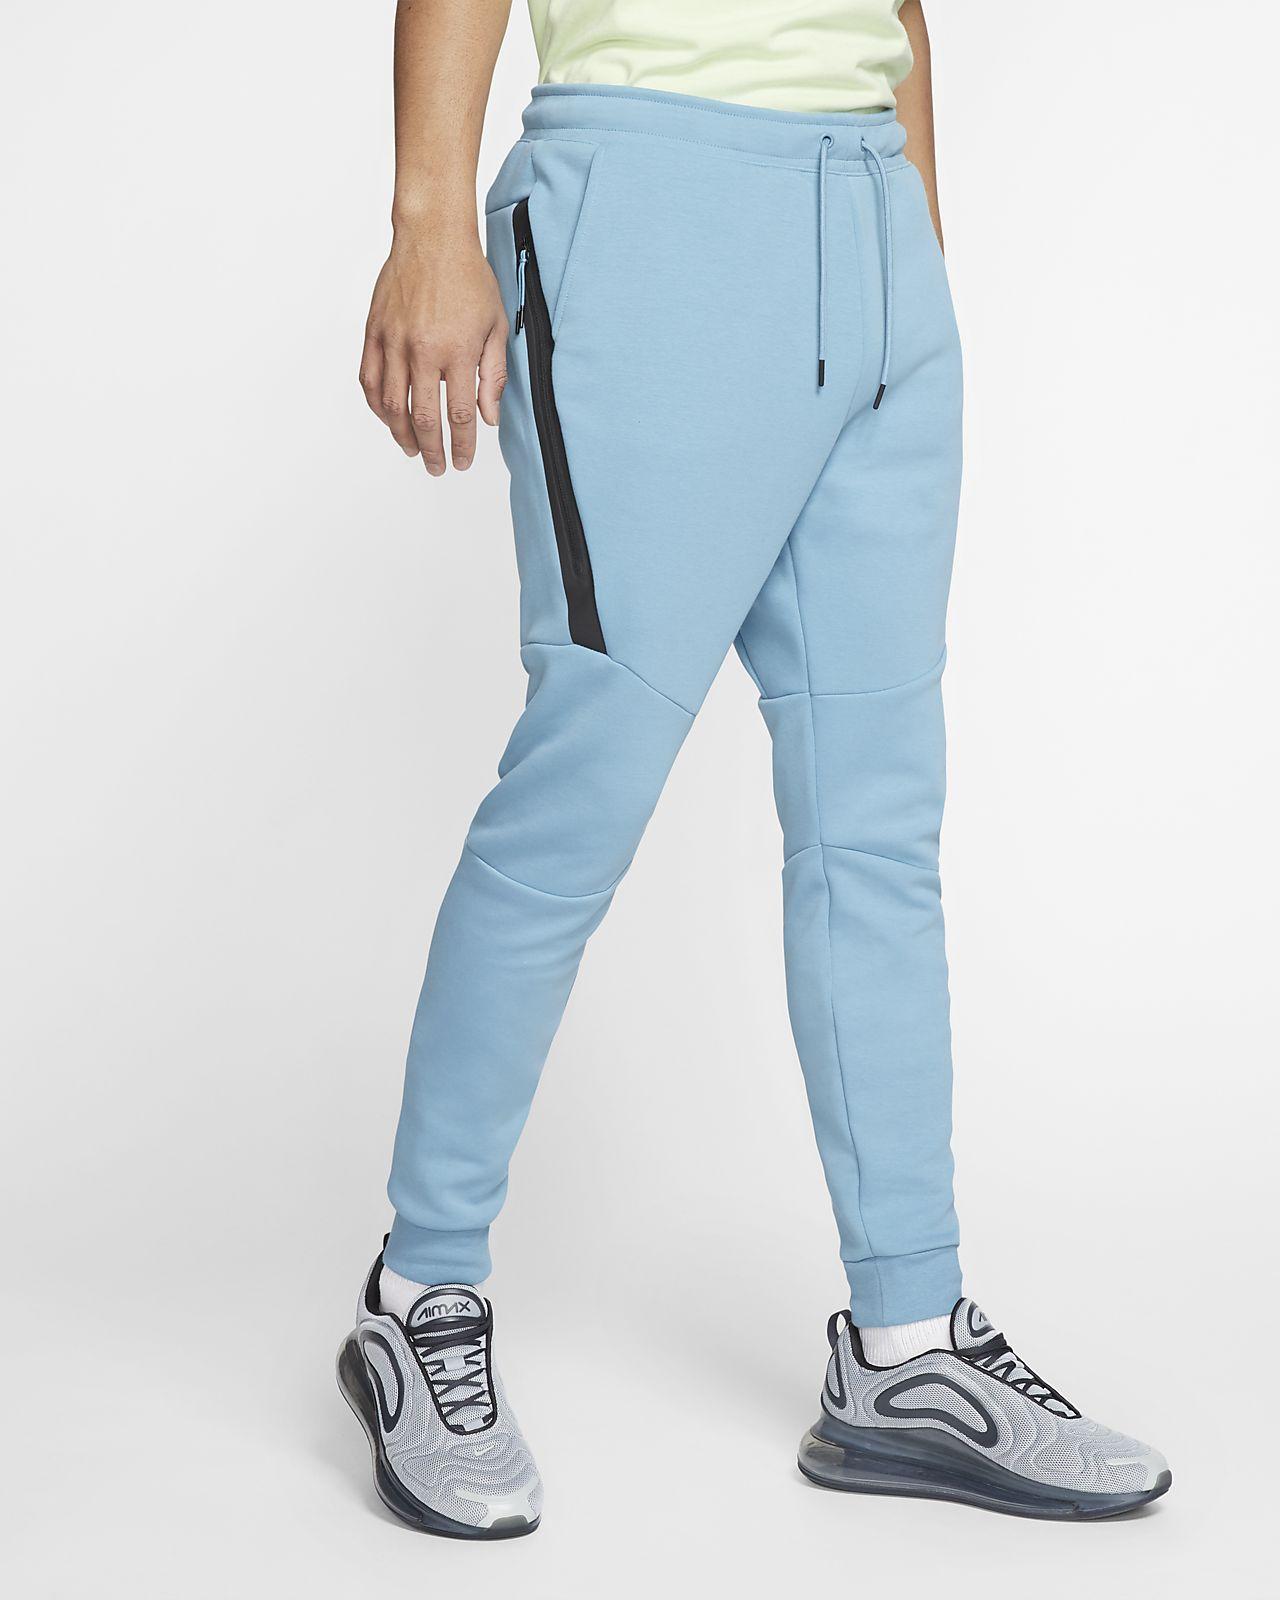 Encantador importante carro  Pantalones de entrenamiento para hombre Nike Sportswear Tech ...